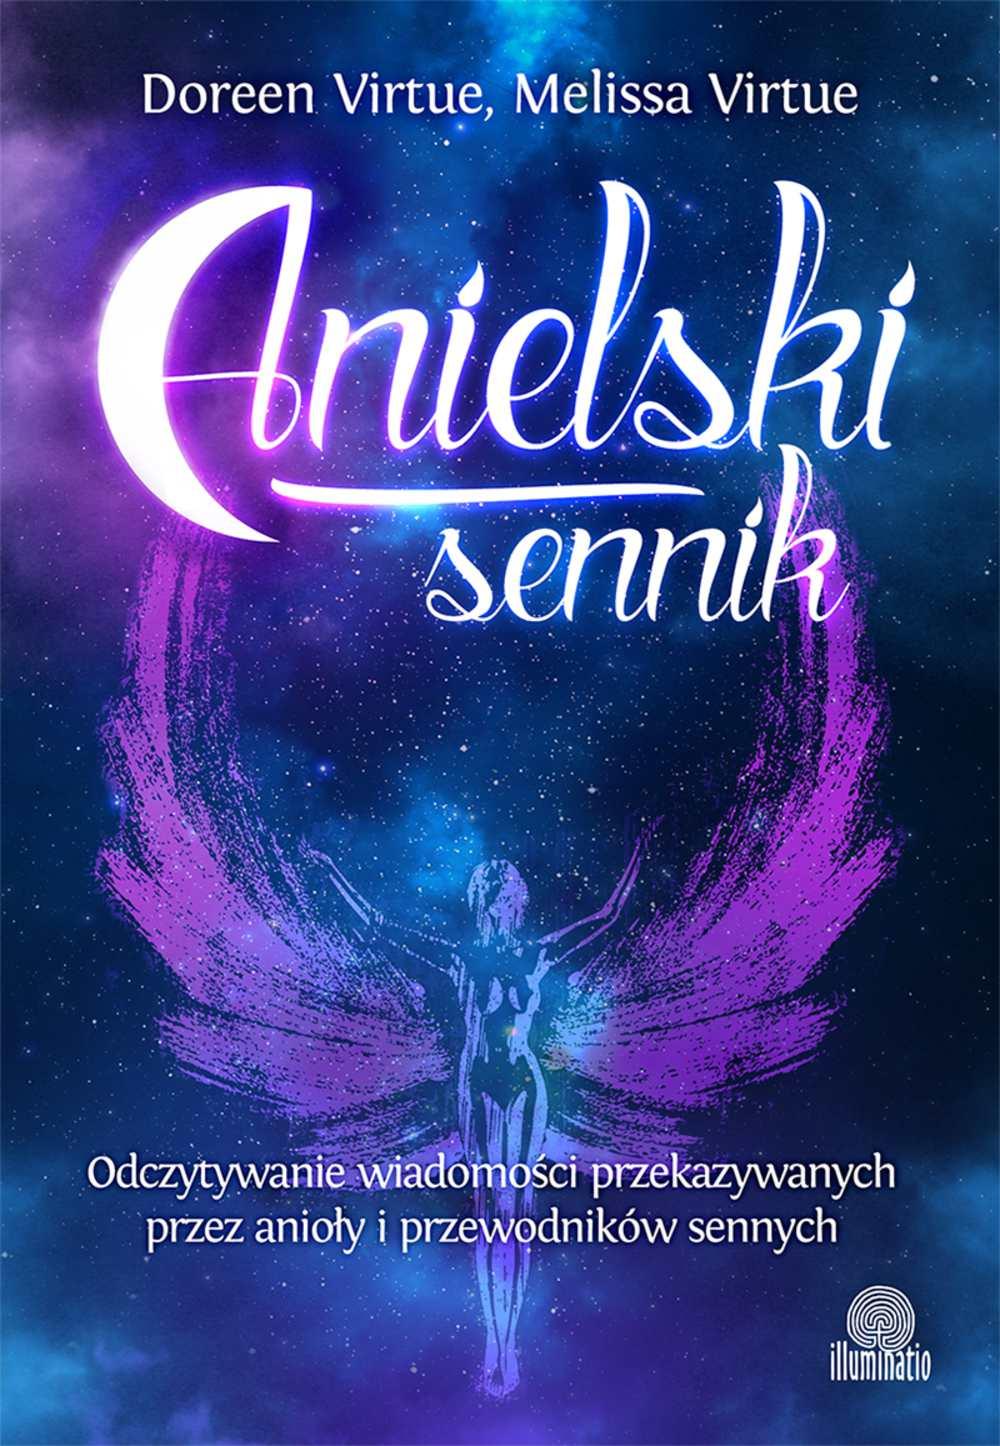 Anielski sennik. Odczytywanie wiadomości przekazywanych przez anioły i przewodników sennych - Ebook (Książka na Kindle) do pobrania w formacie MOBI